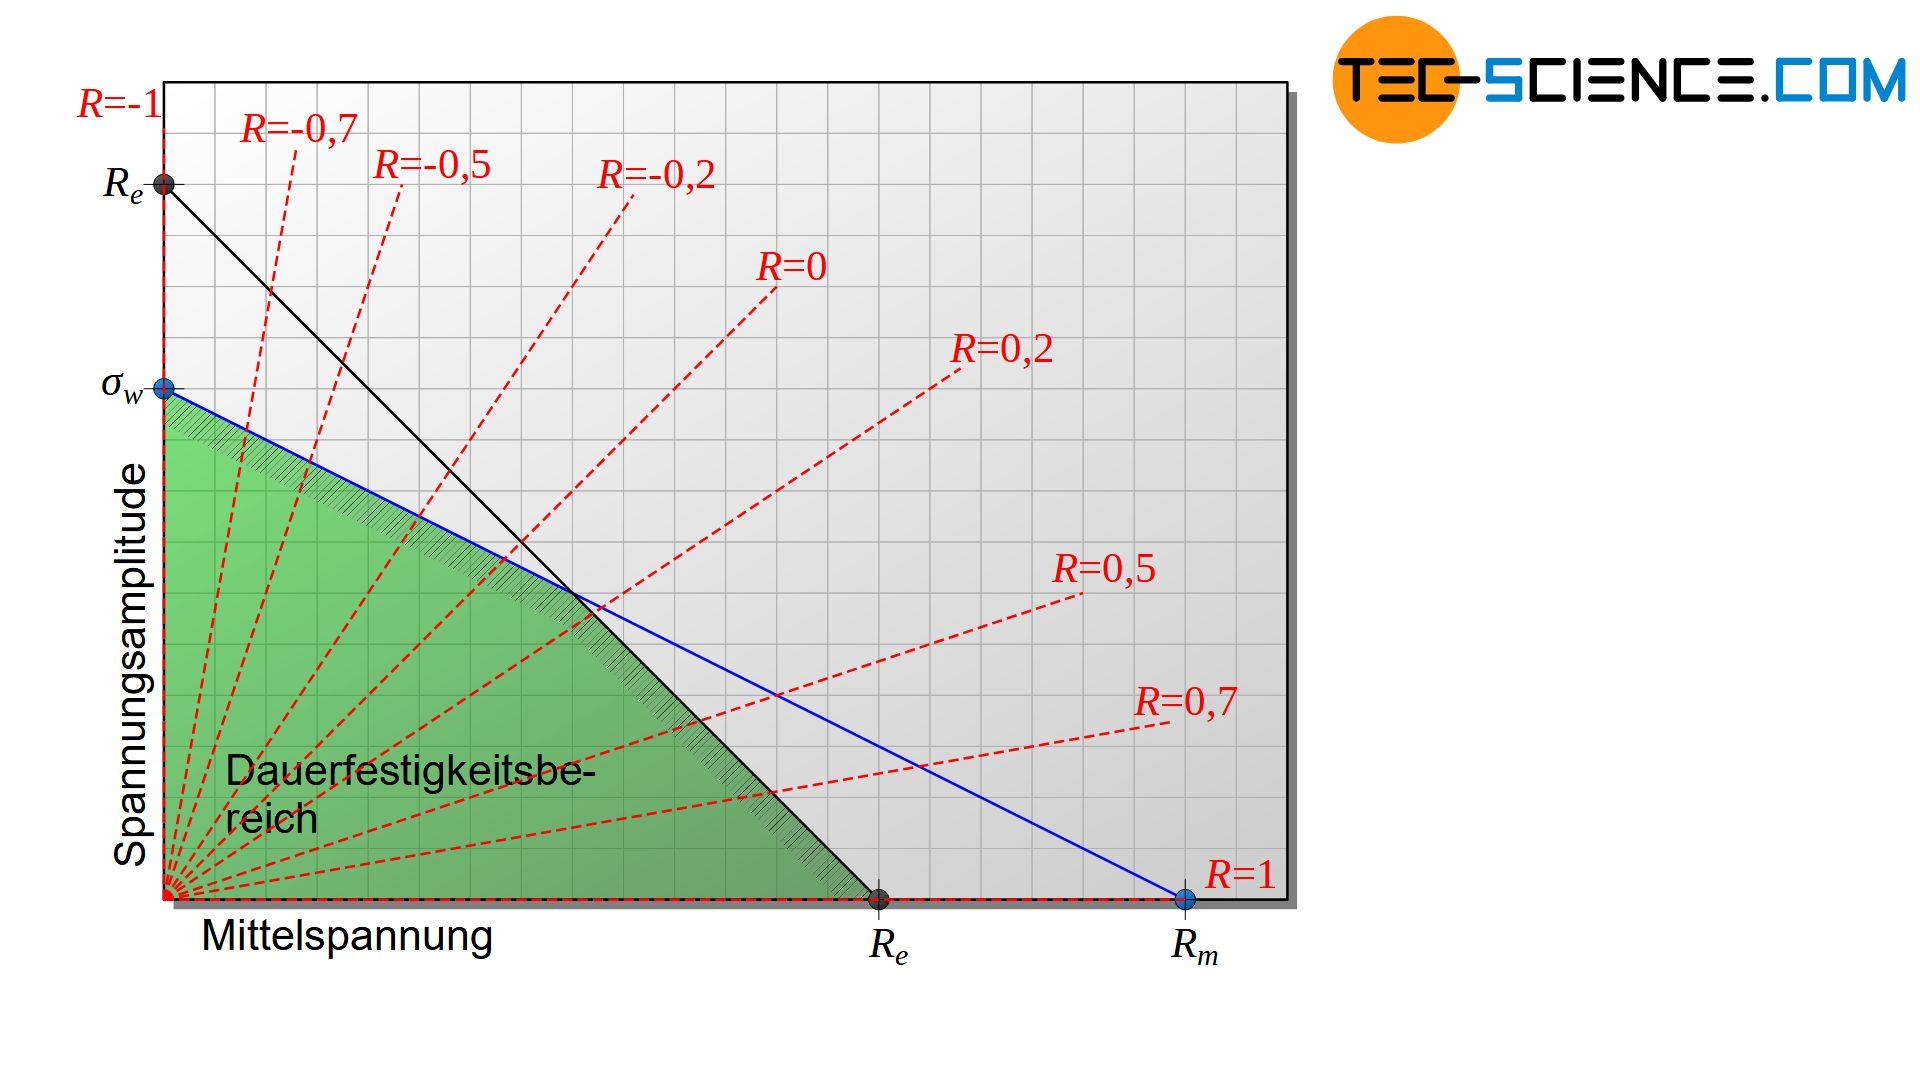 Haigh-Diagramm mit ausgewählten Spannungsverhältnissen